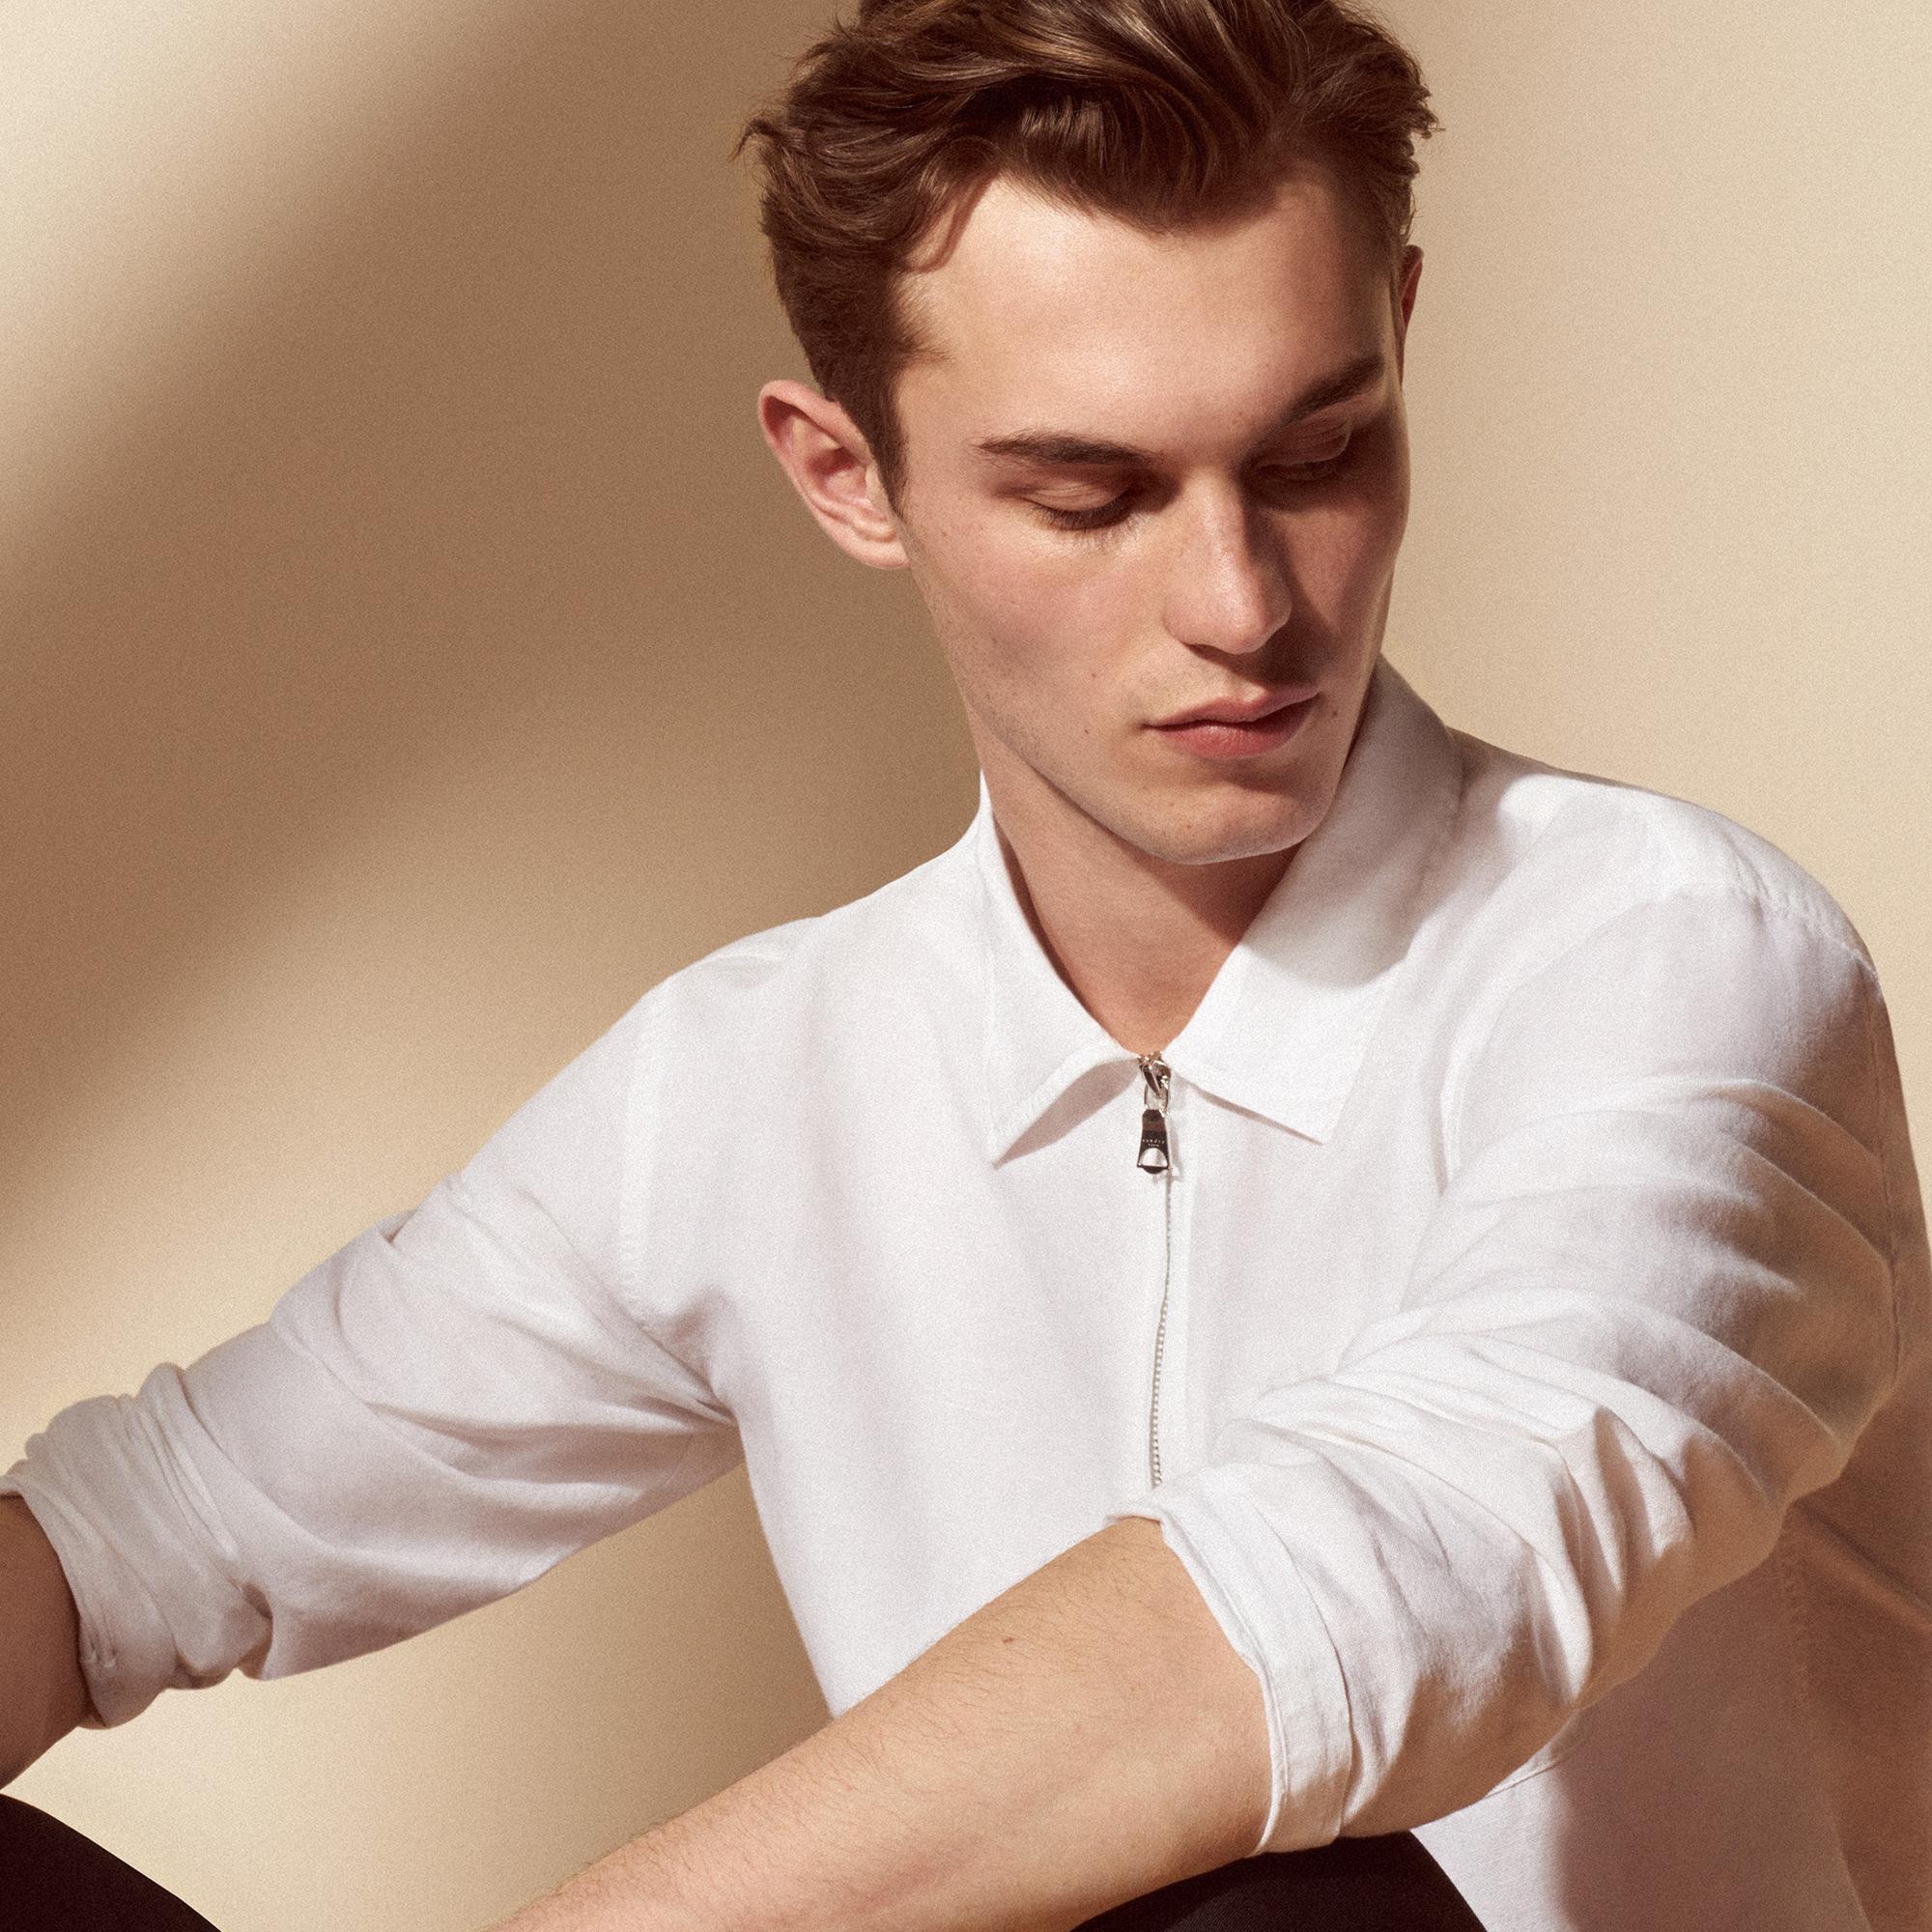 Camicia in lino a maniche lunghe : Sandro x Mr Porter colore Bianco